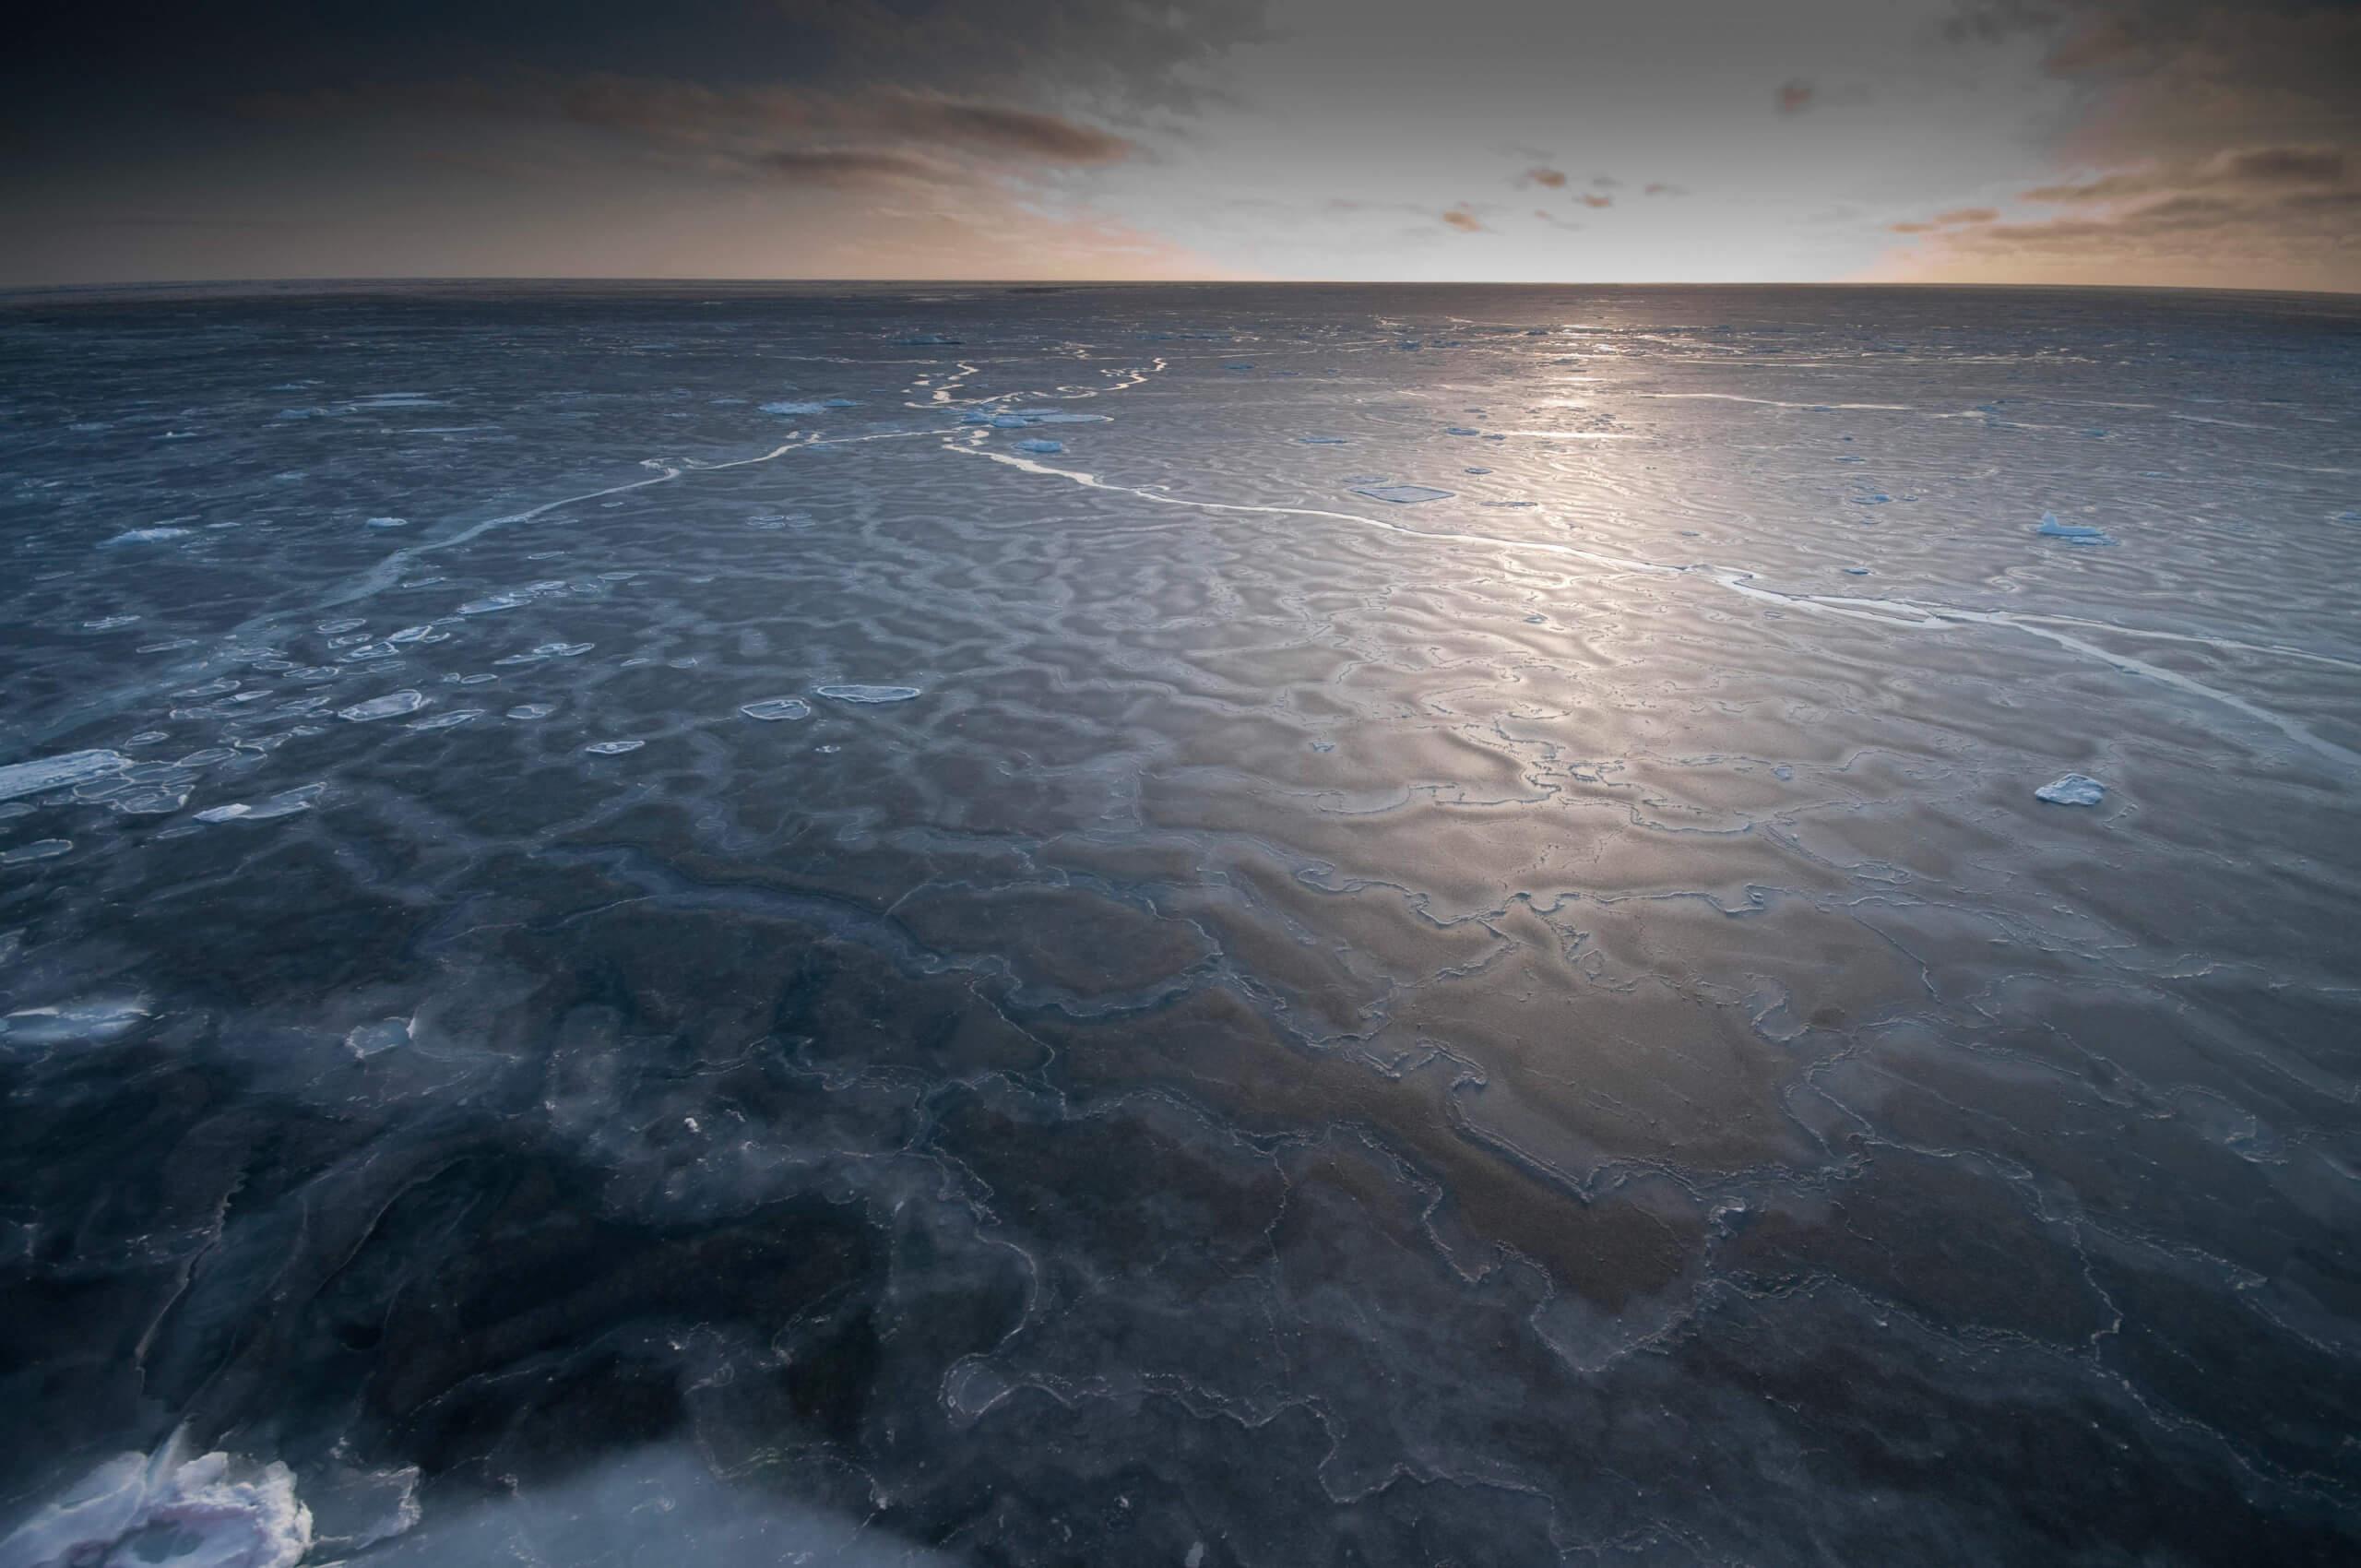 Nein, die Entwicklung des Meereises am Südpol stellt nicht die Wissenschaft über den Klimawandel infrage